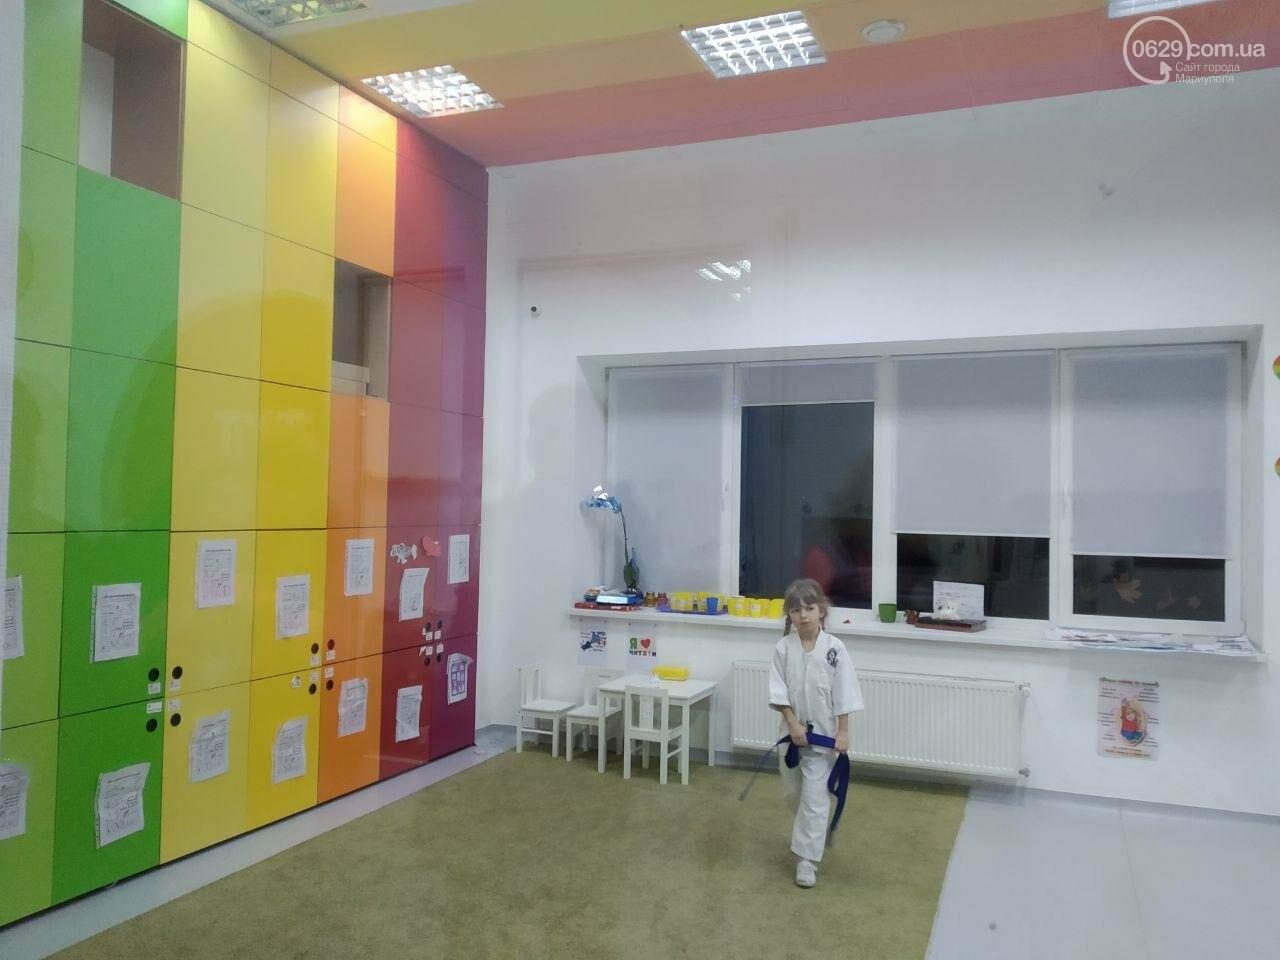 Школа, которую придумали родители, - ФОТО, фото-5